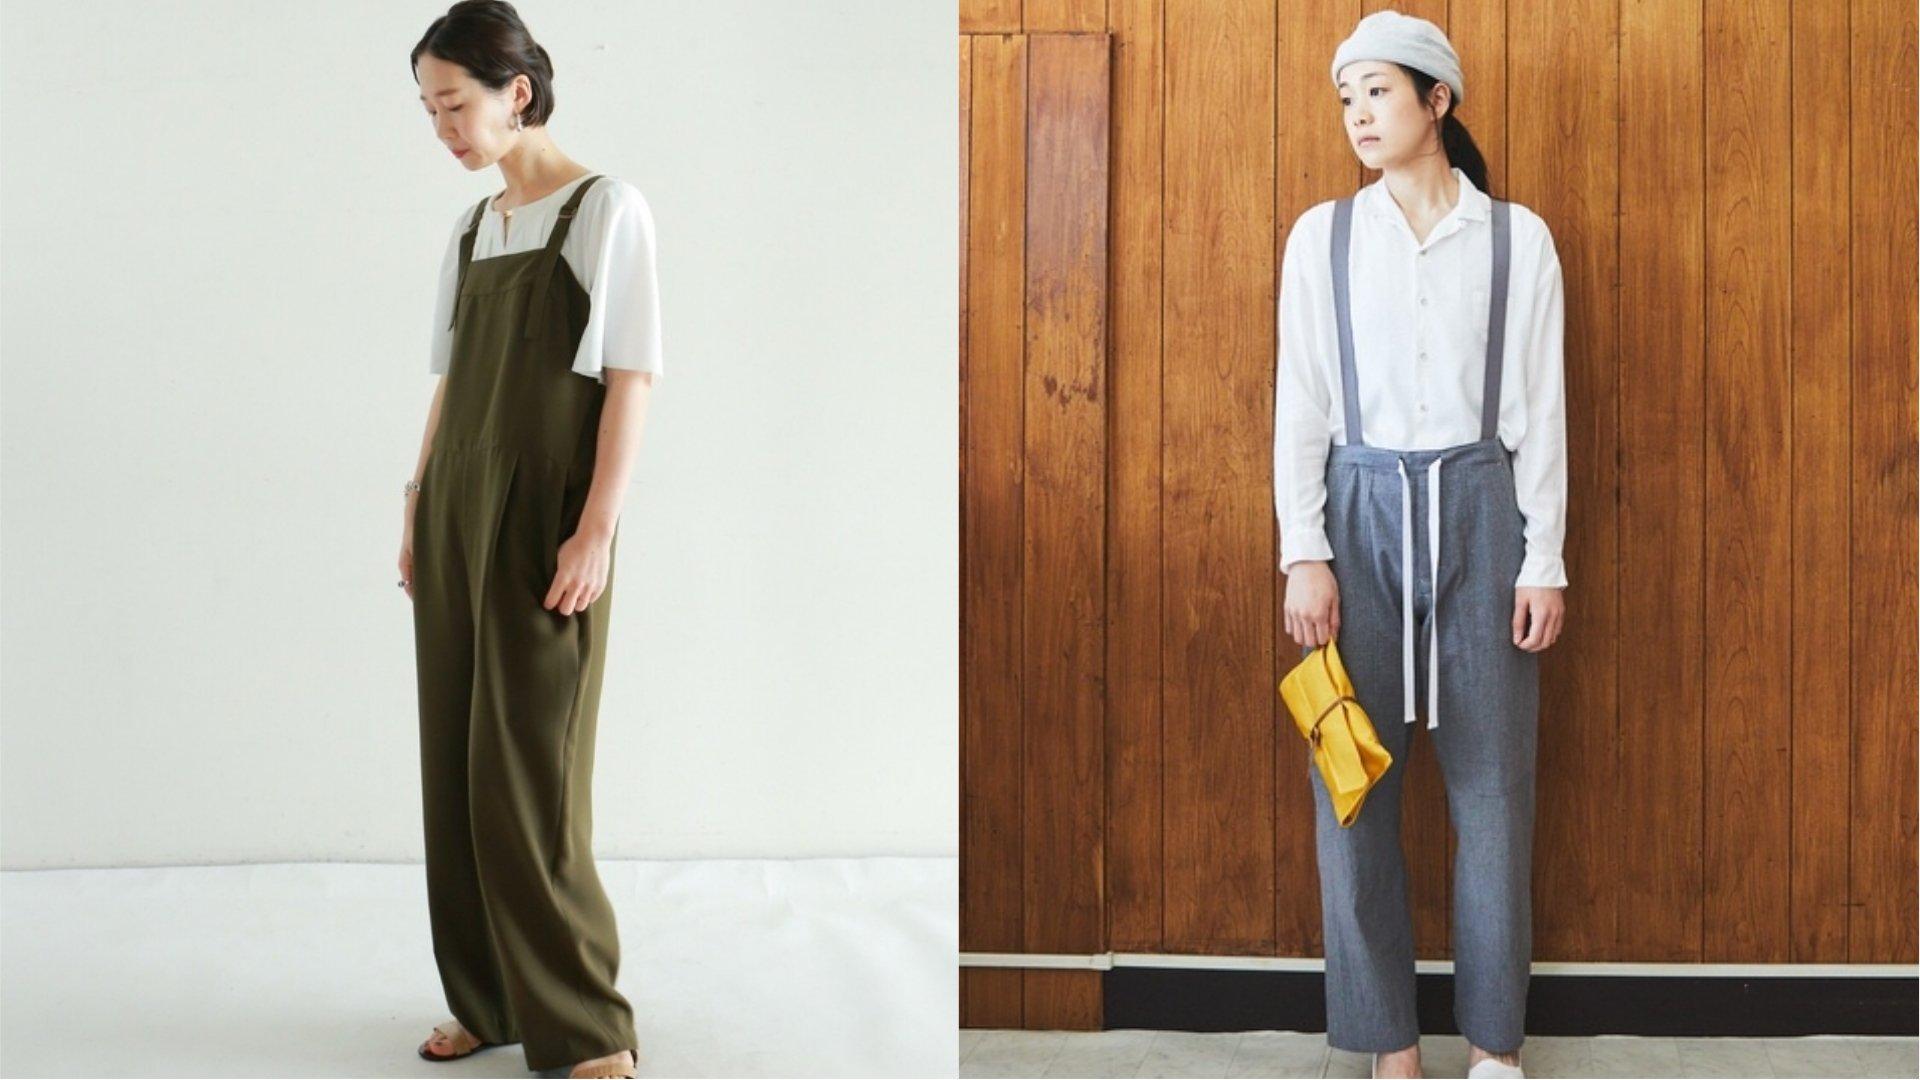 中性風格女生這樣穿!日本女生不能少的吊帶褲穿搭